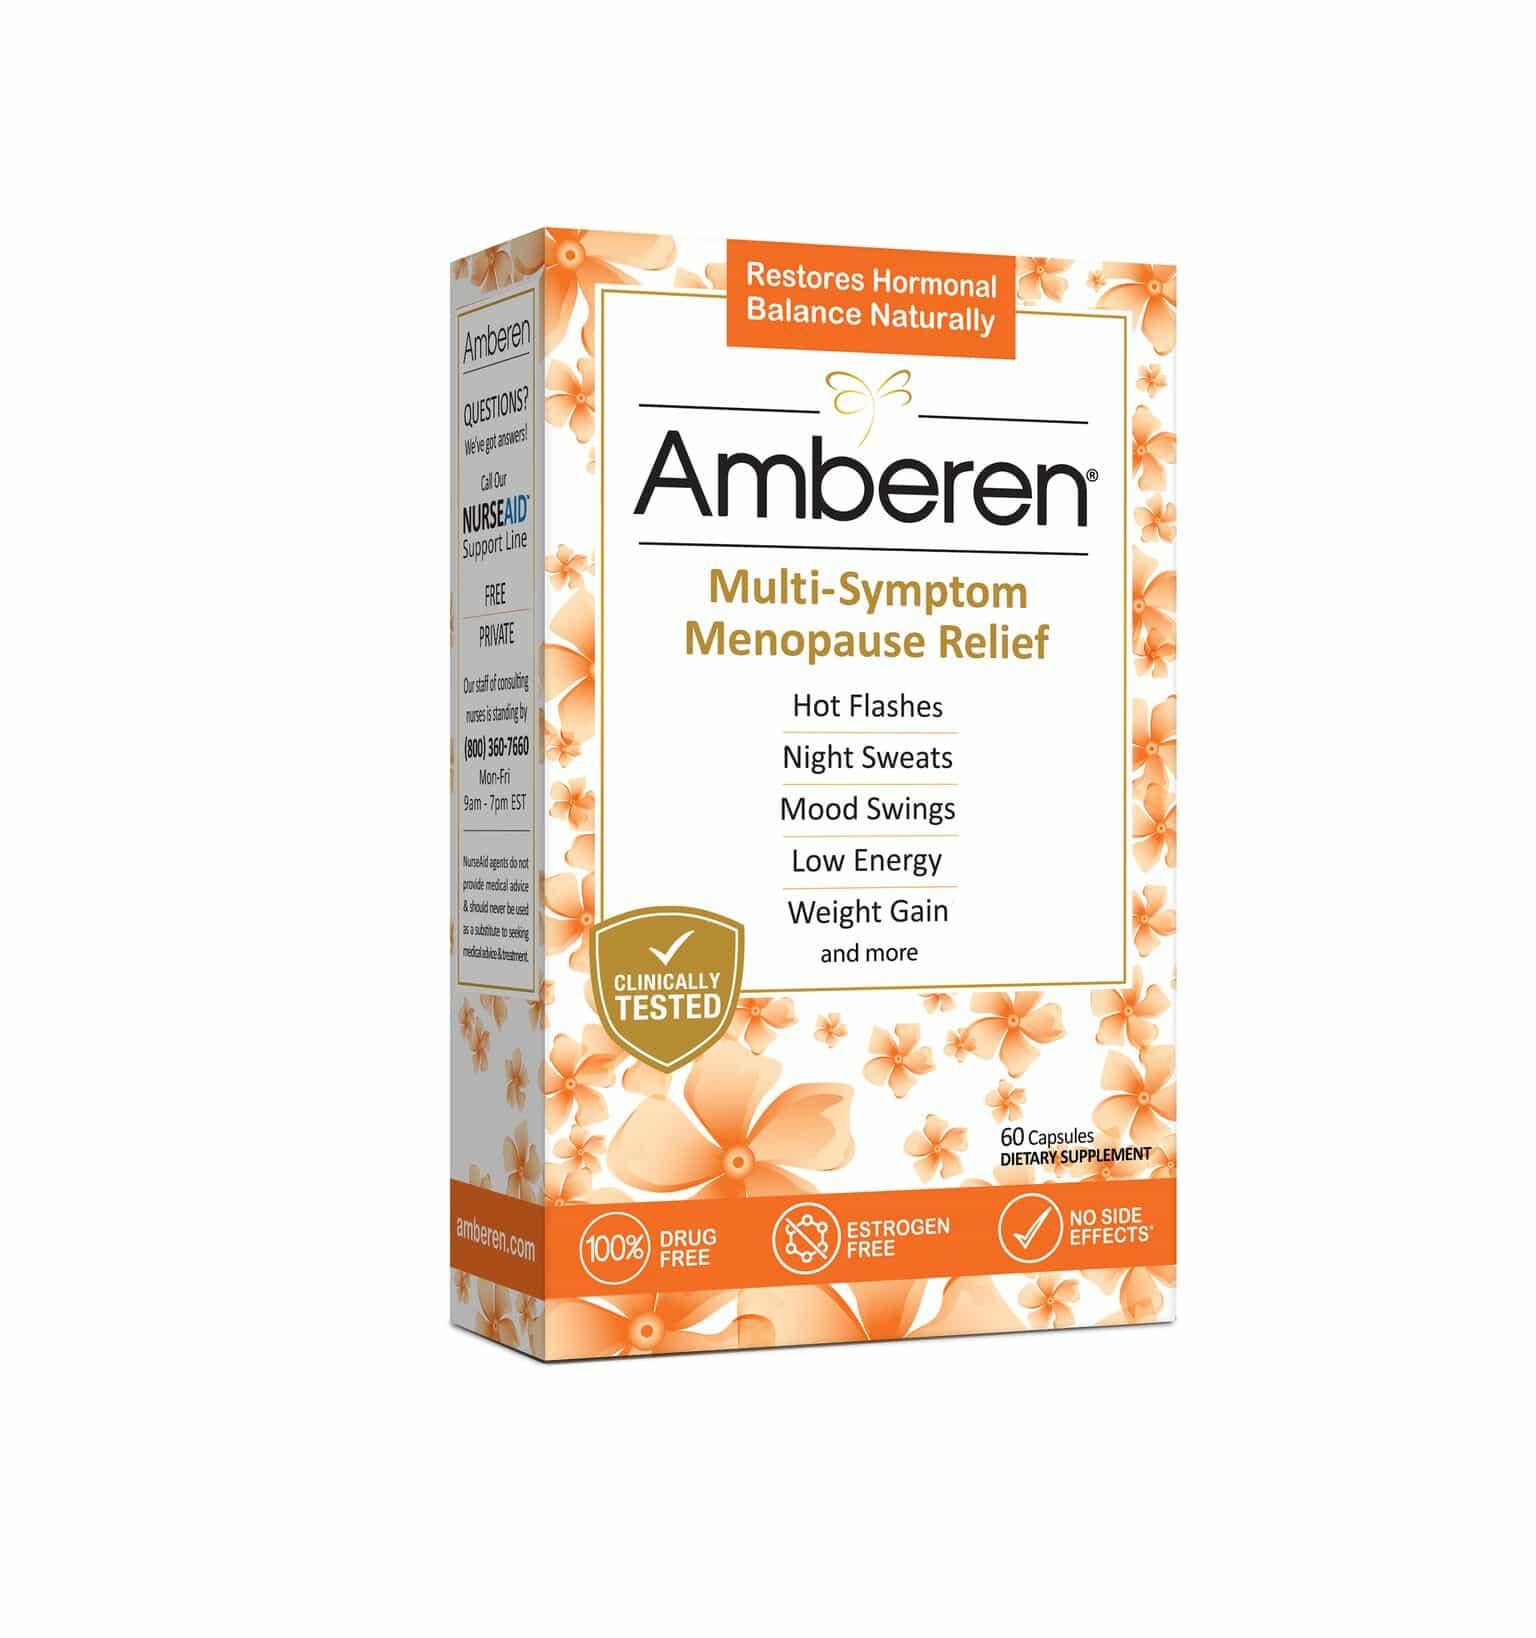 Amberen Box